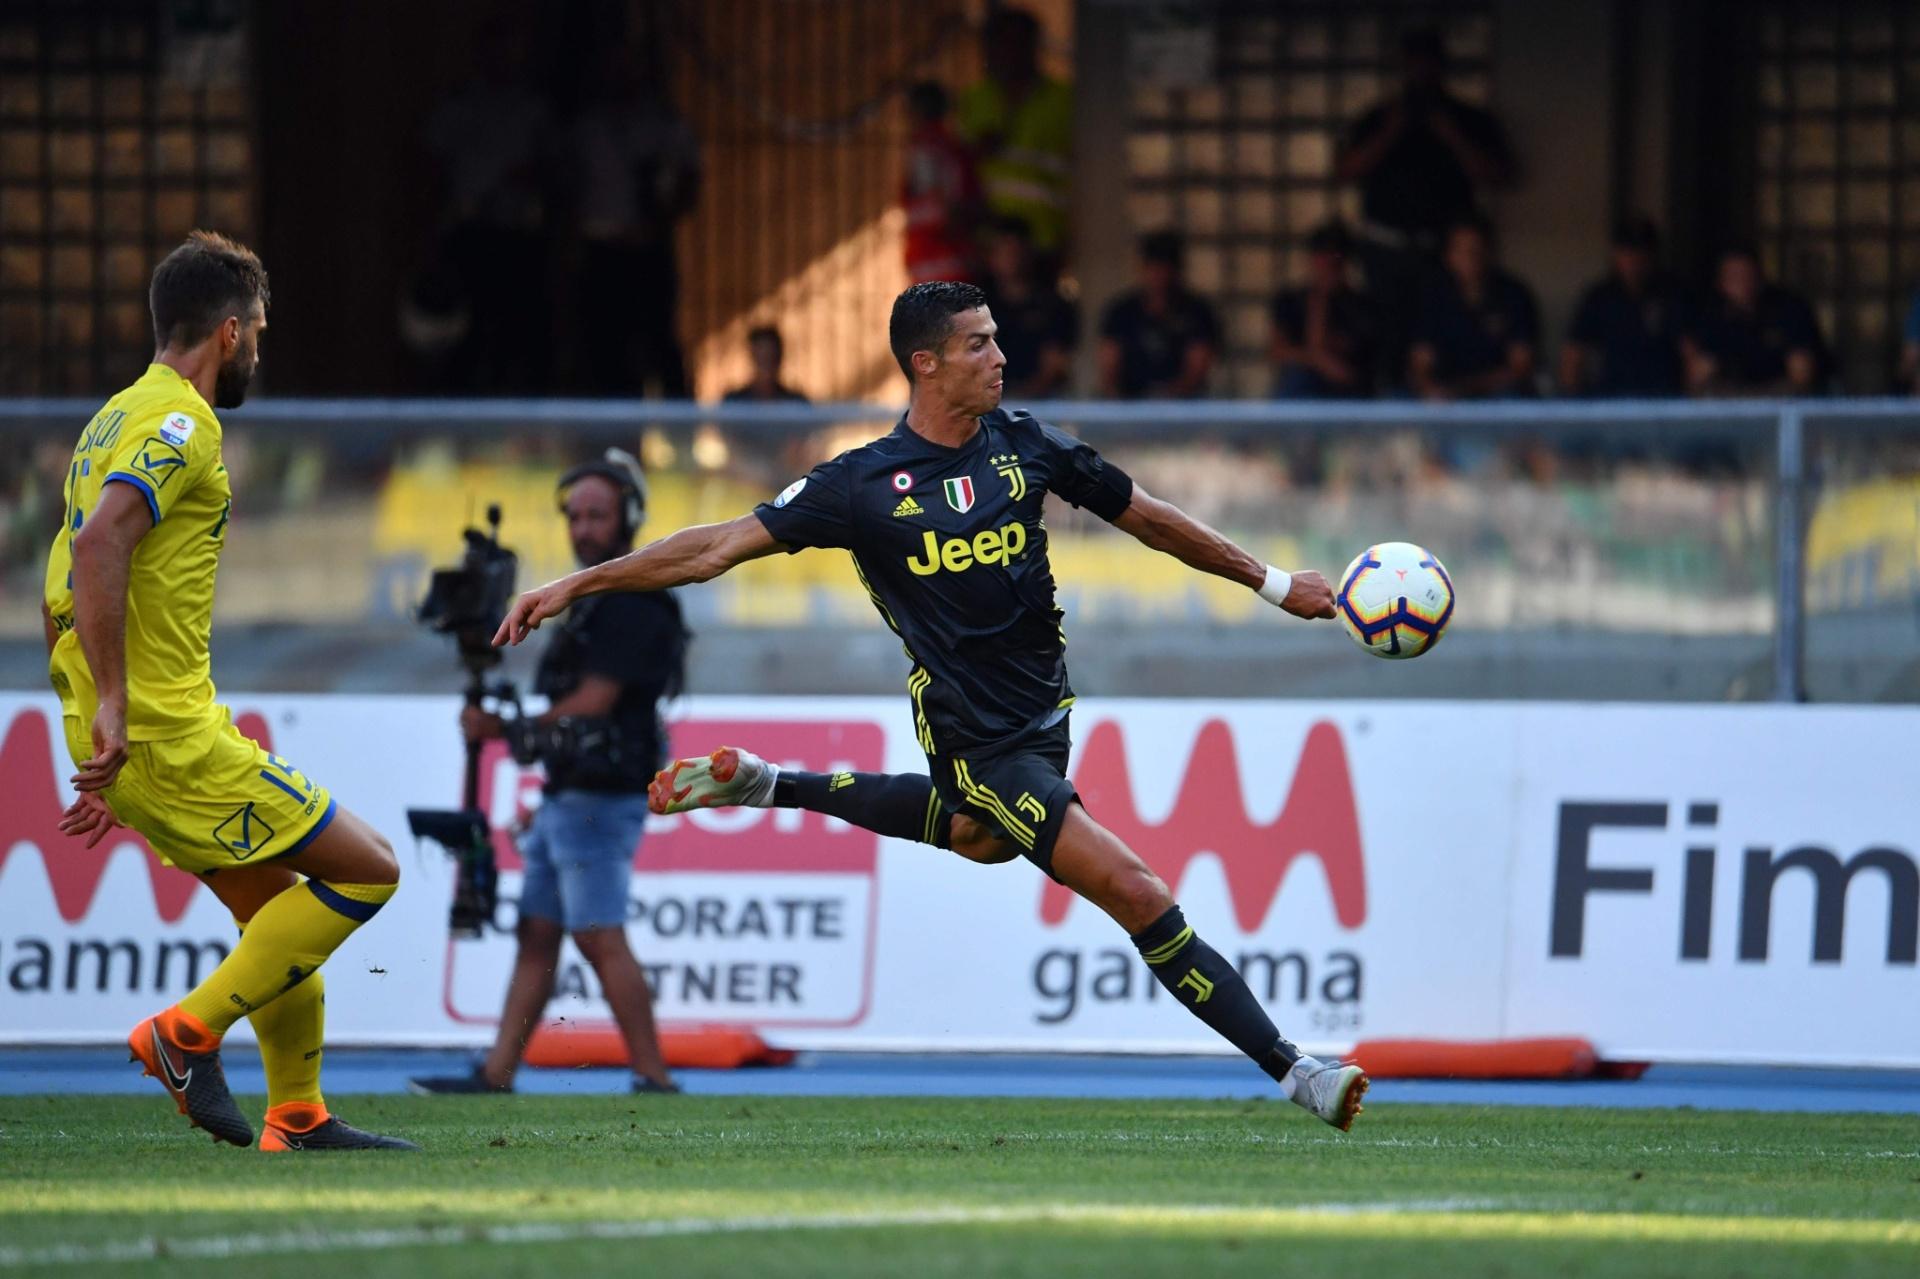 Cristiano Ronaldo arrisca chute em Chievo x Juventus dab76941e92e8